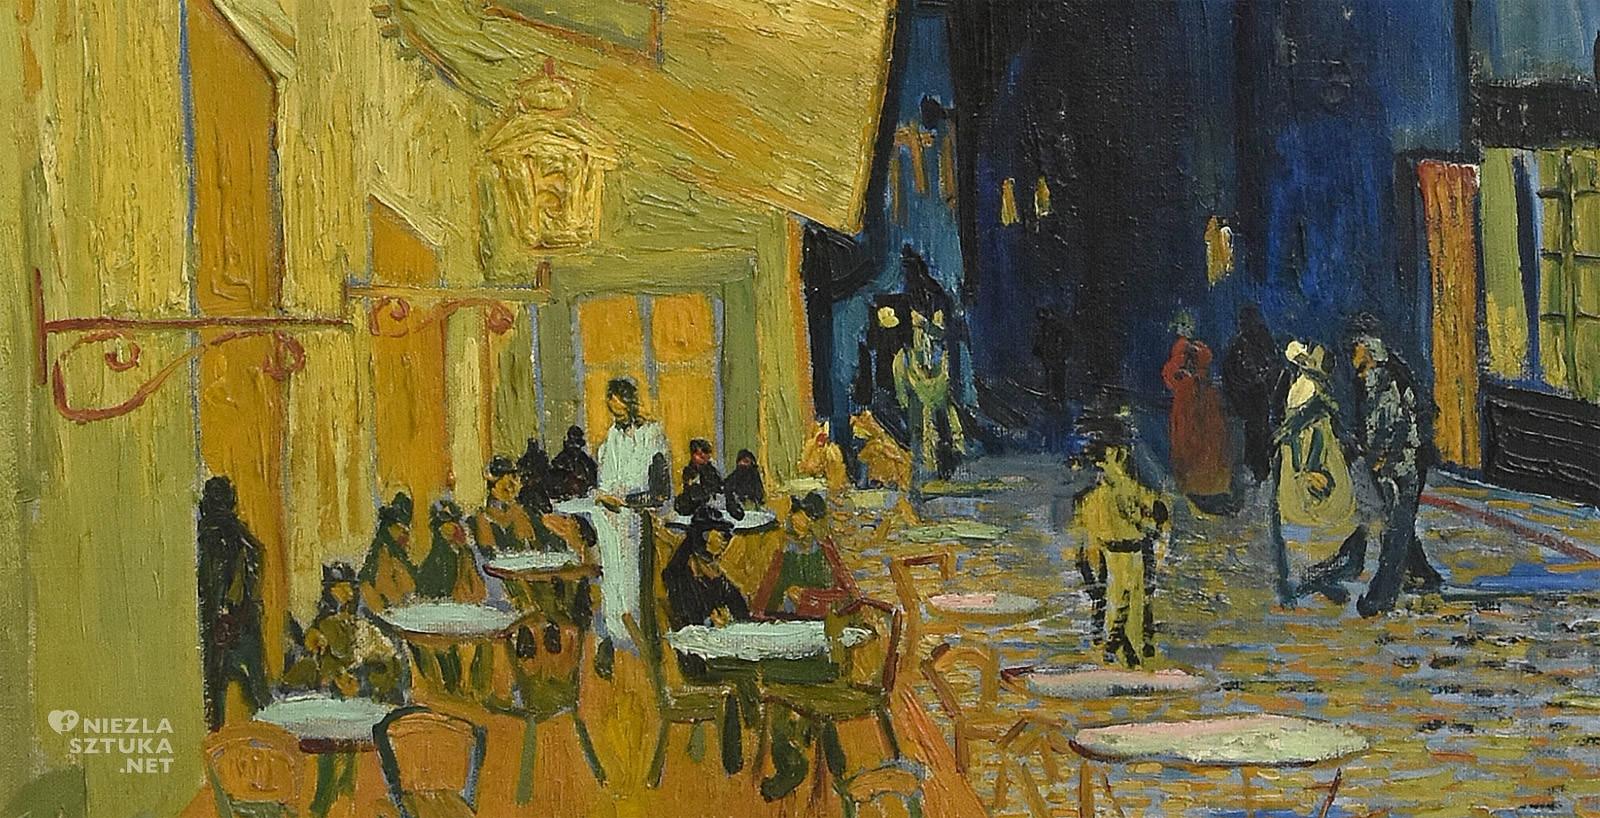 Vincent van Gogh, Taras kawiarni w nocy, Arles, Niezła sztuka